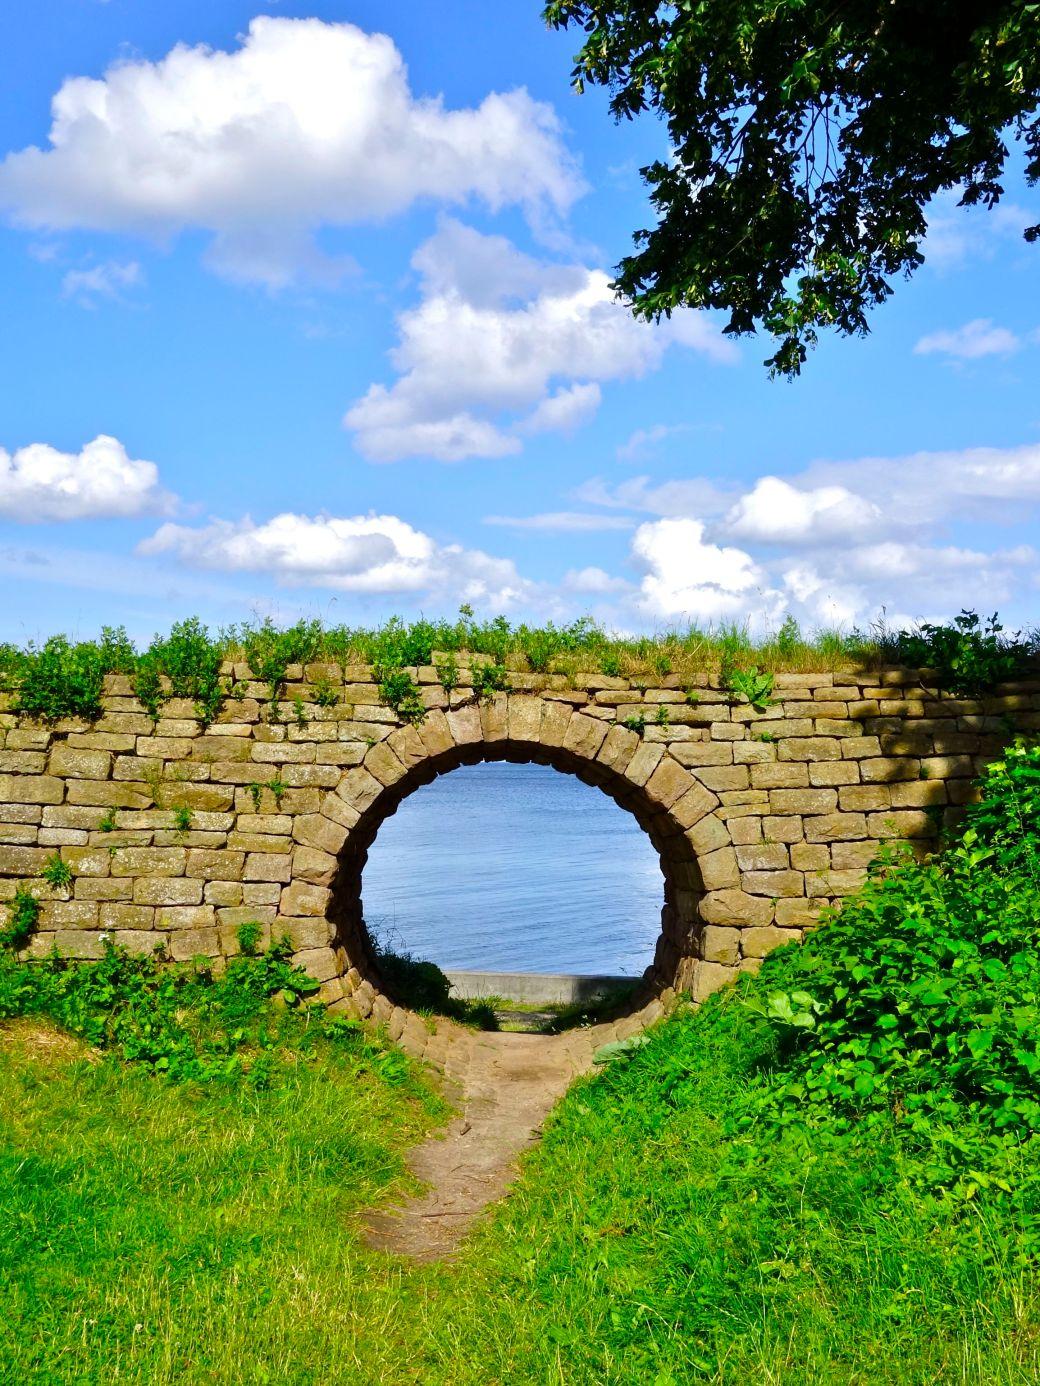 Et hobbithul i mur mellem Trepilelågen og  Springforbi